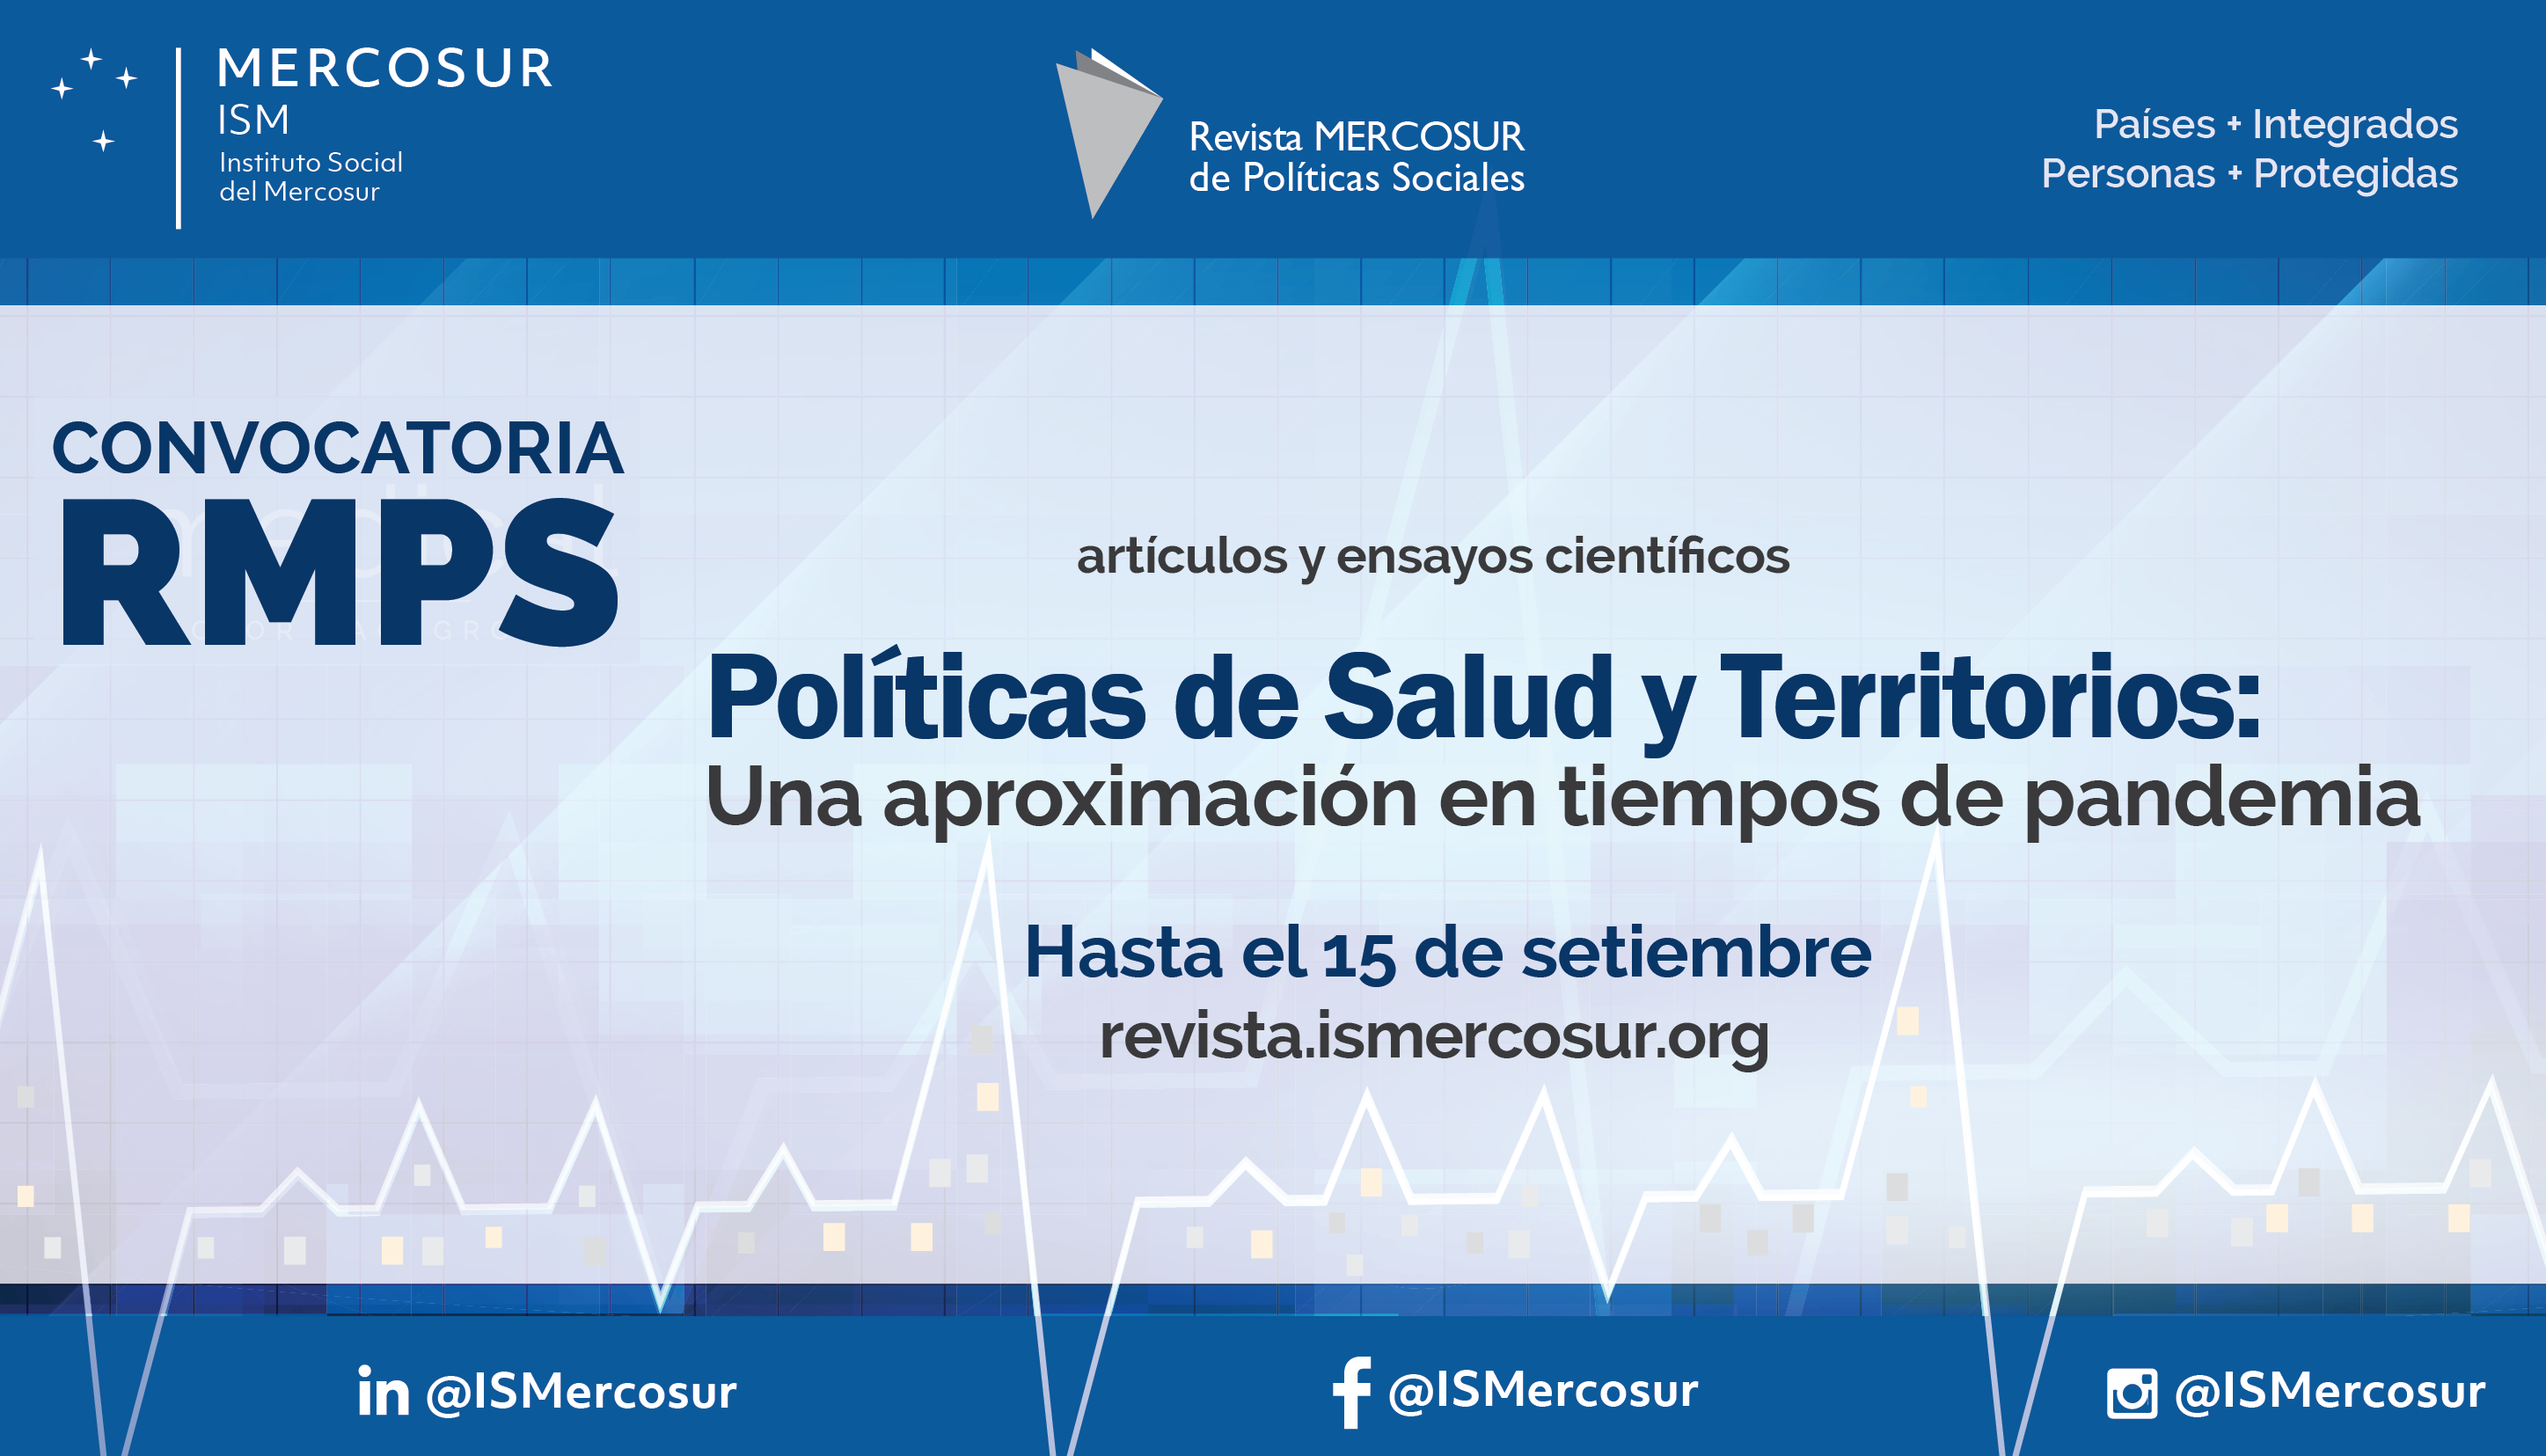 Revista MERCOSUR de Políticas Sociales